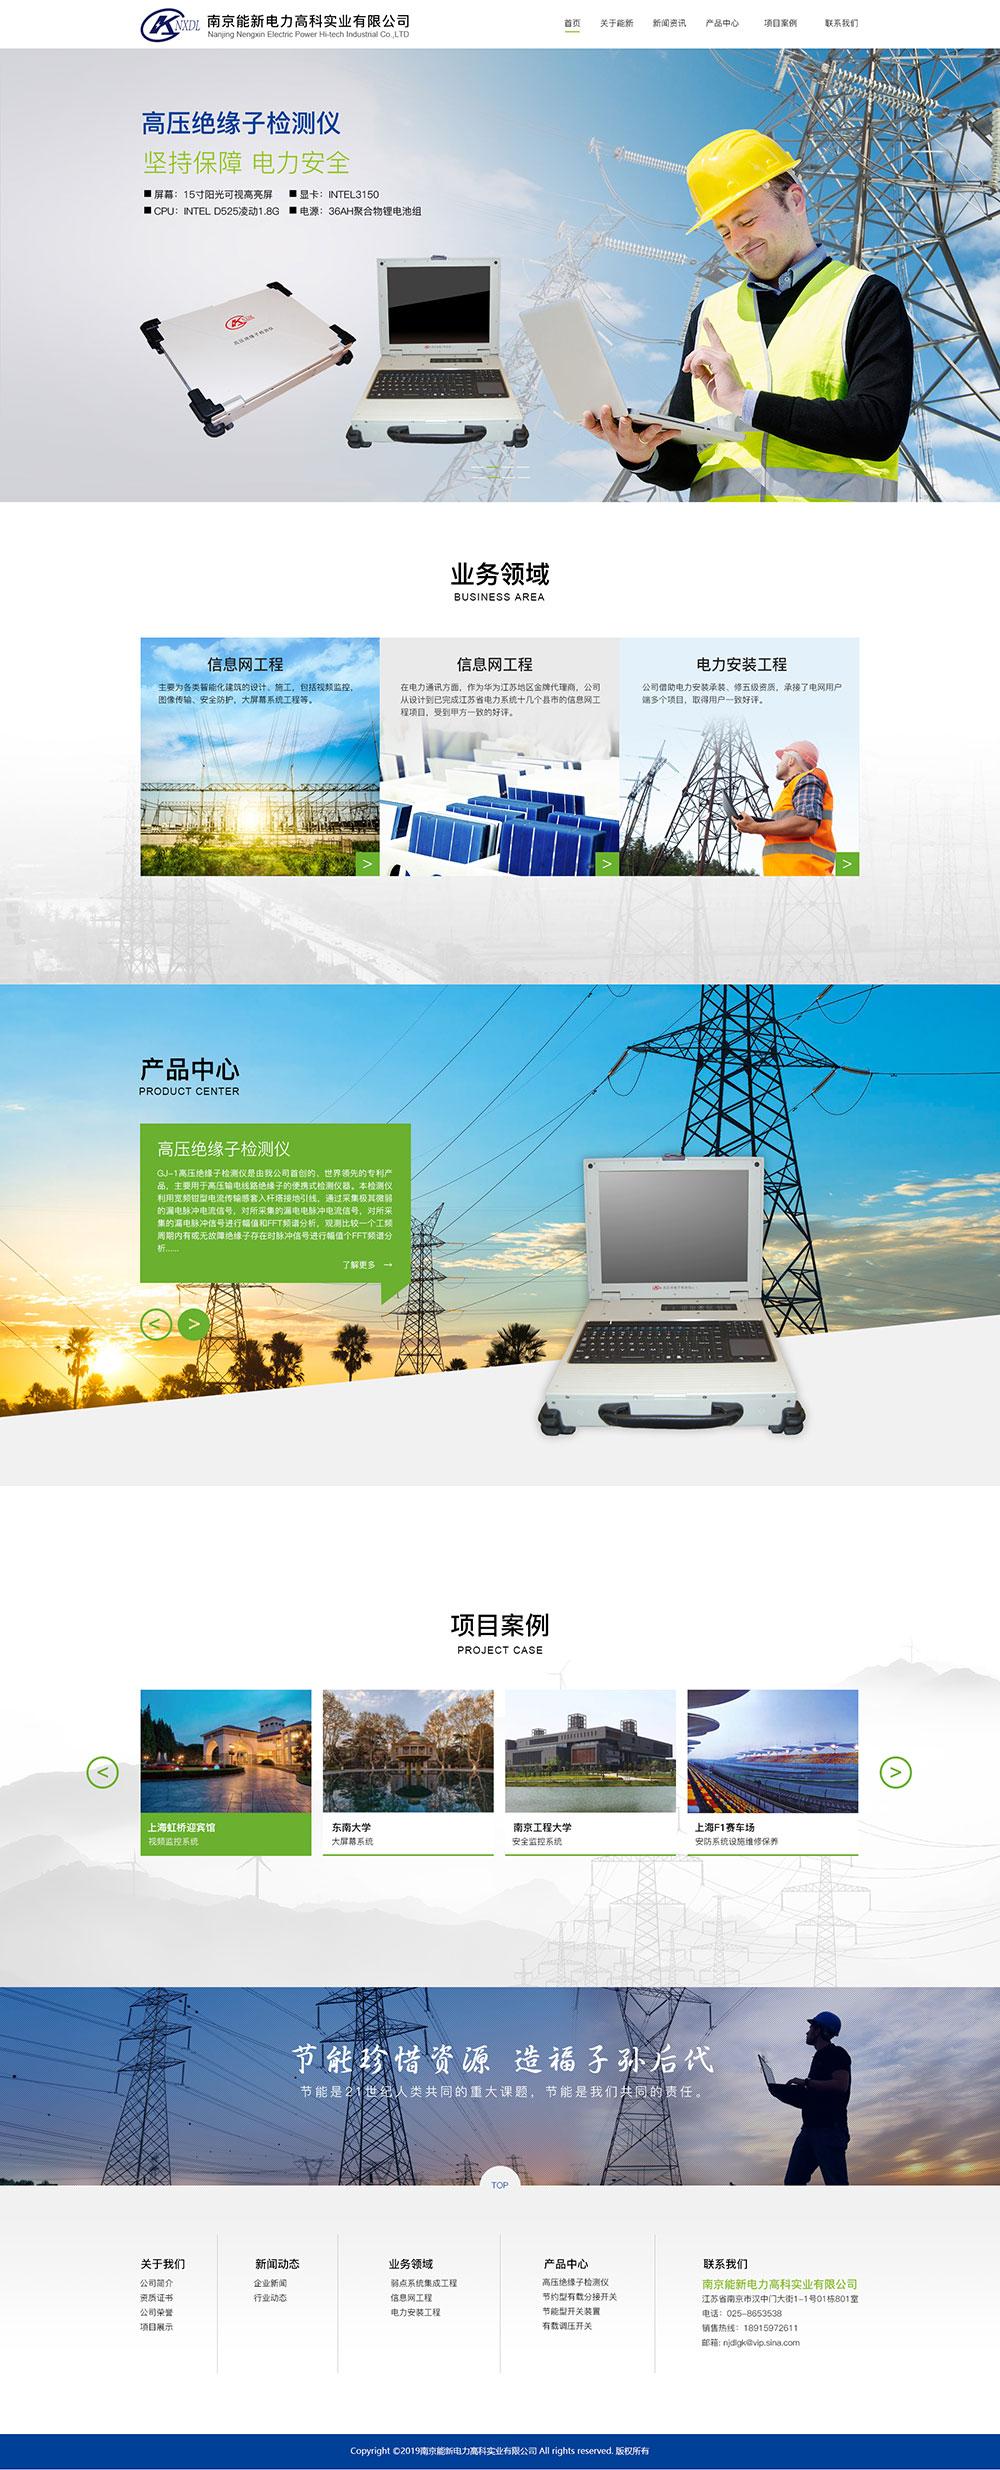 南京能新电力高科实业有限公司